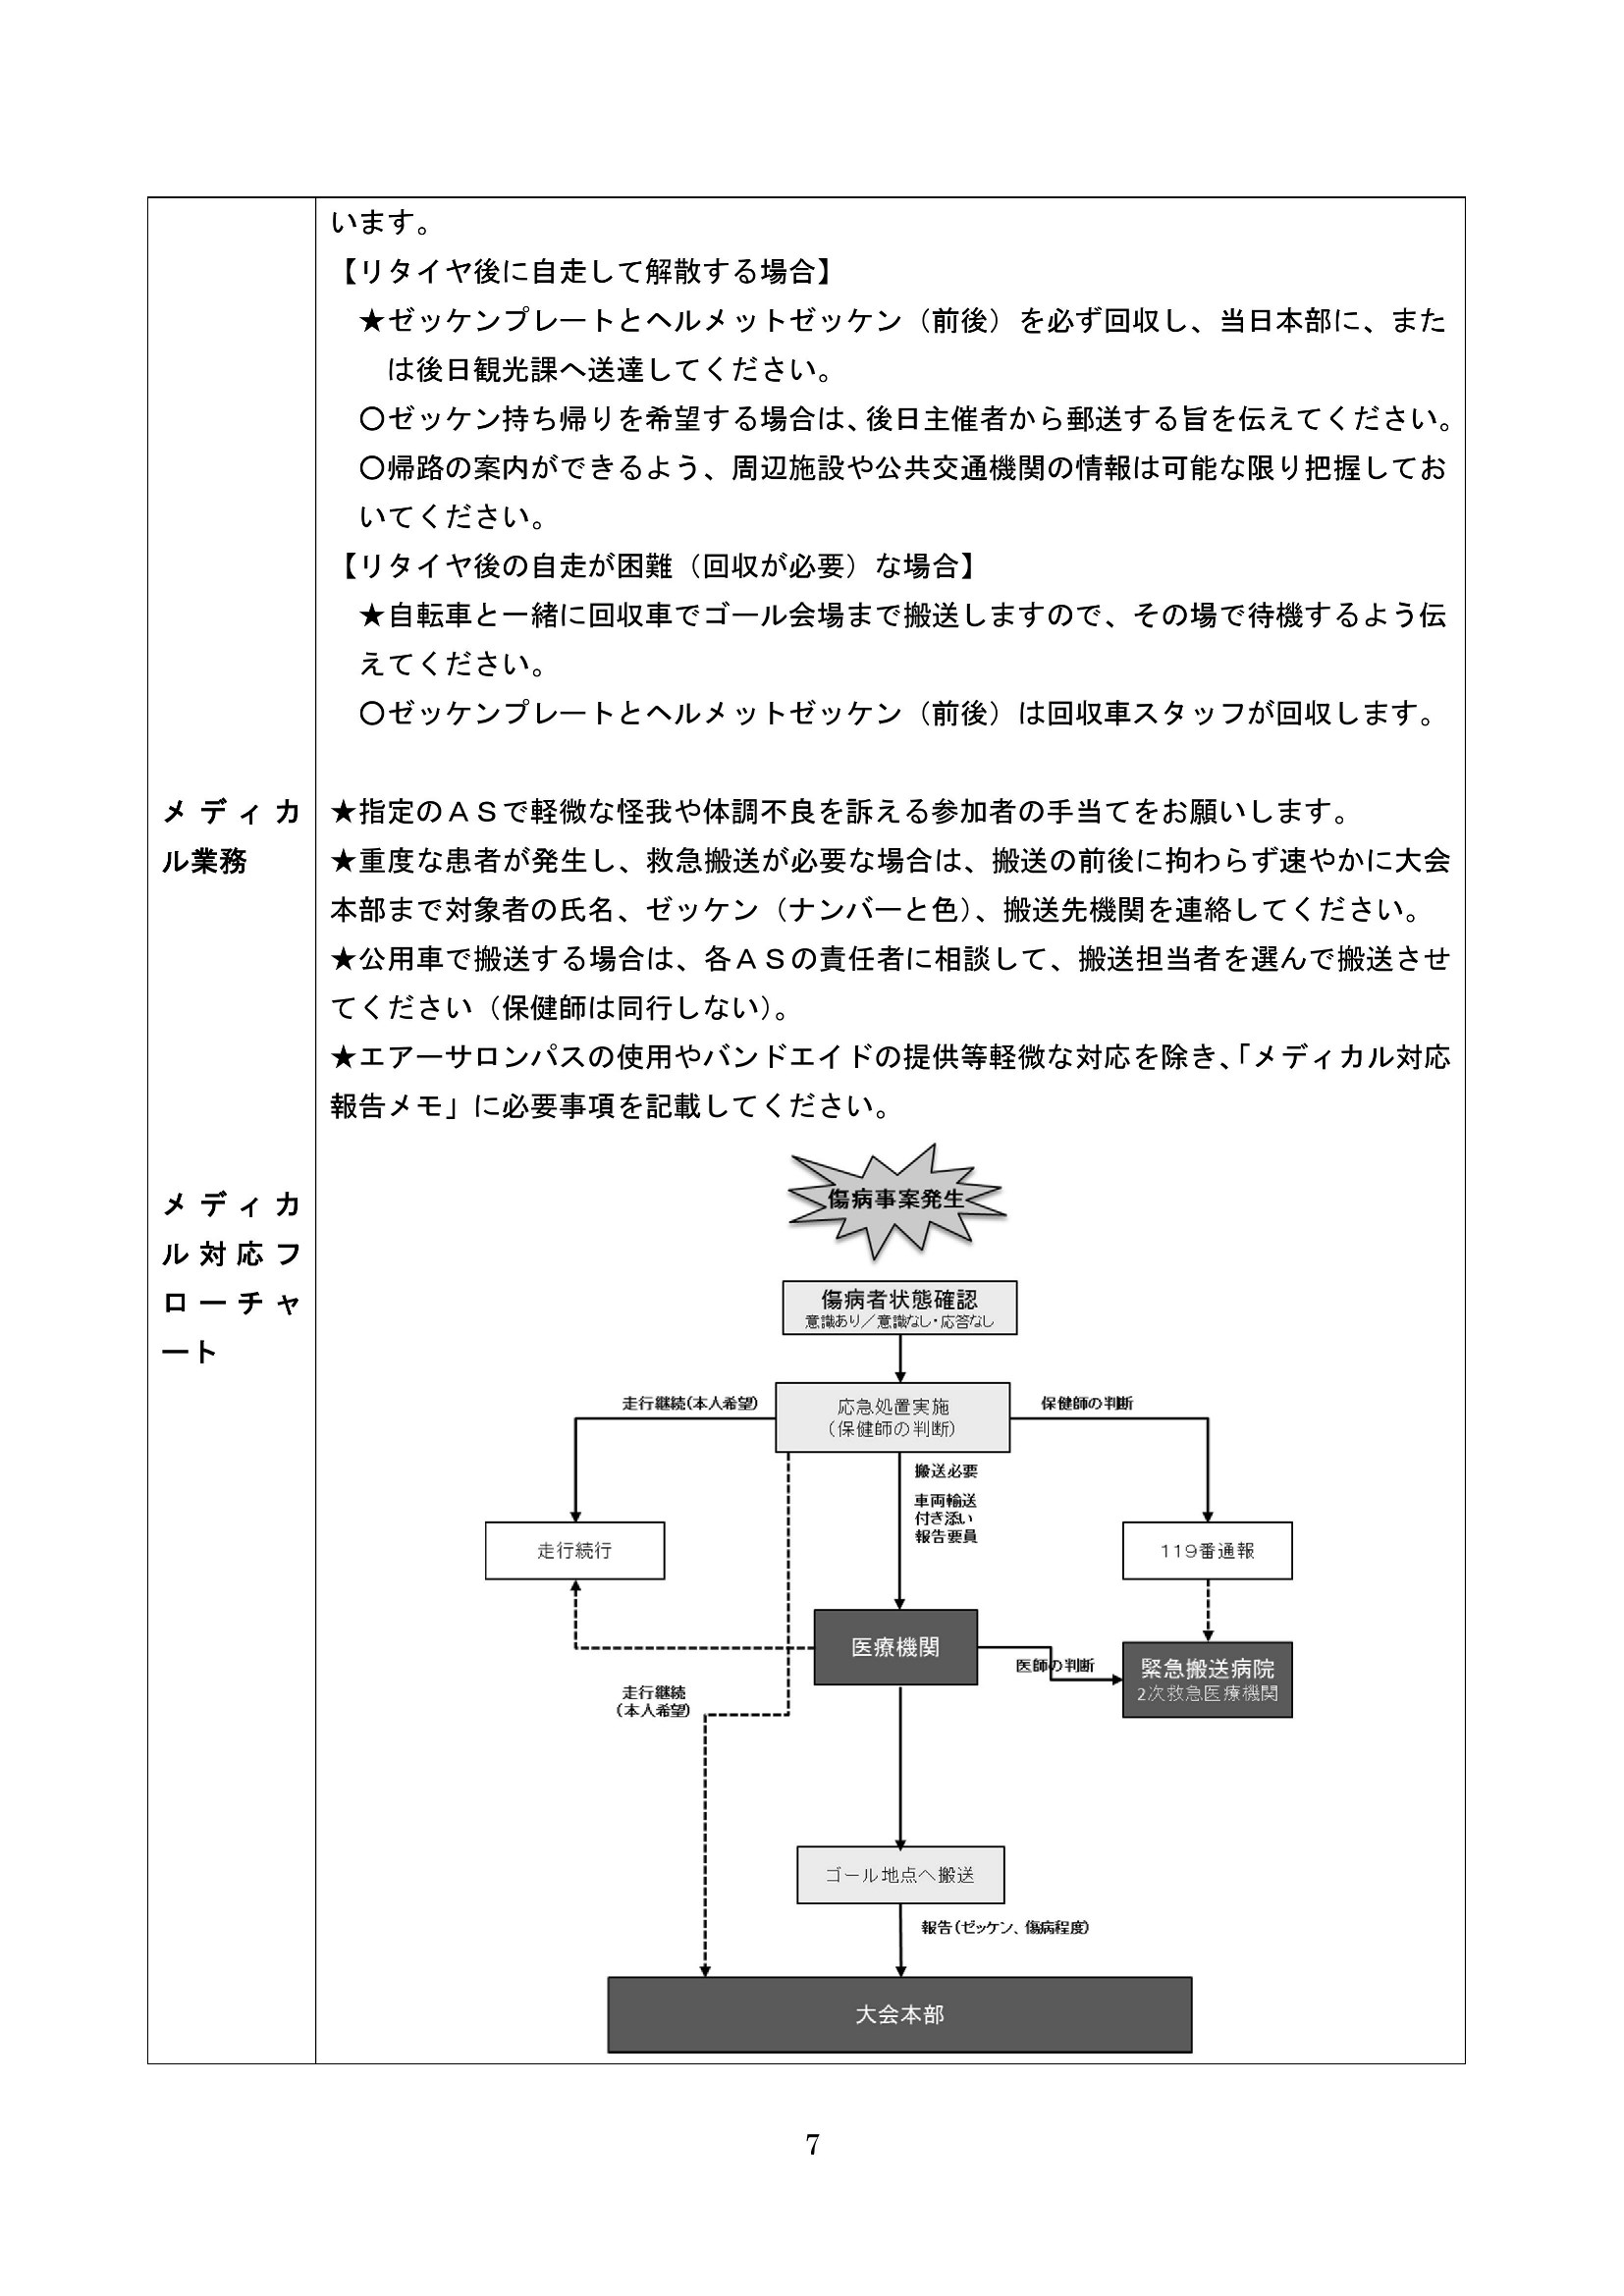 スタッフ共通マニュアル_07